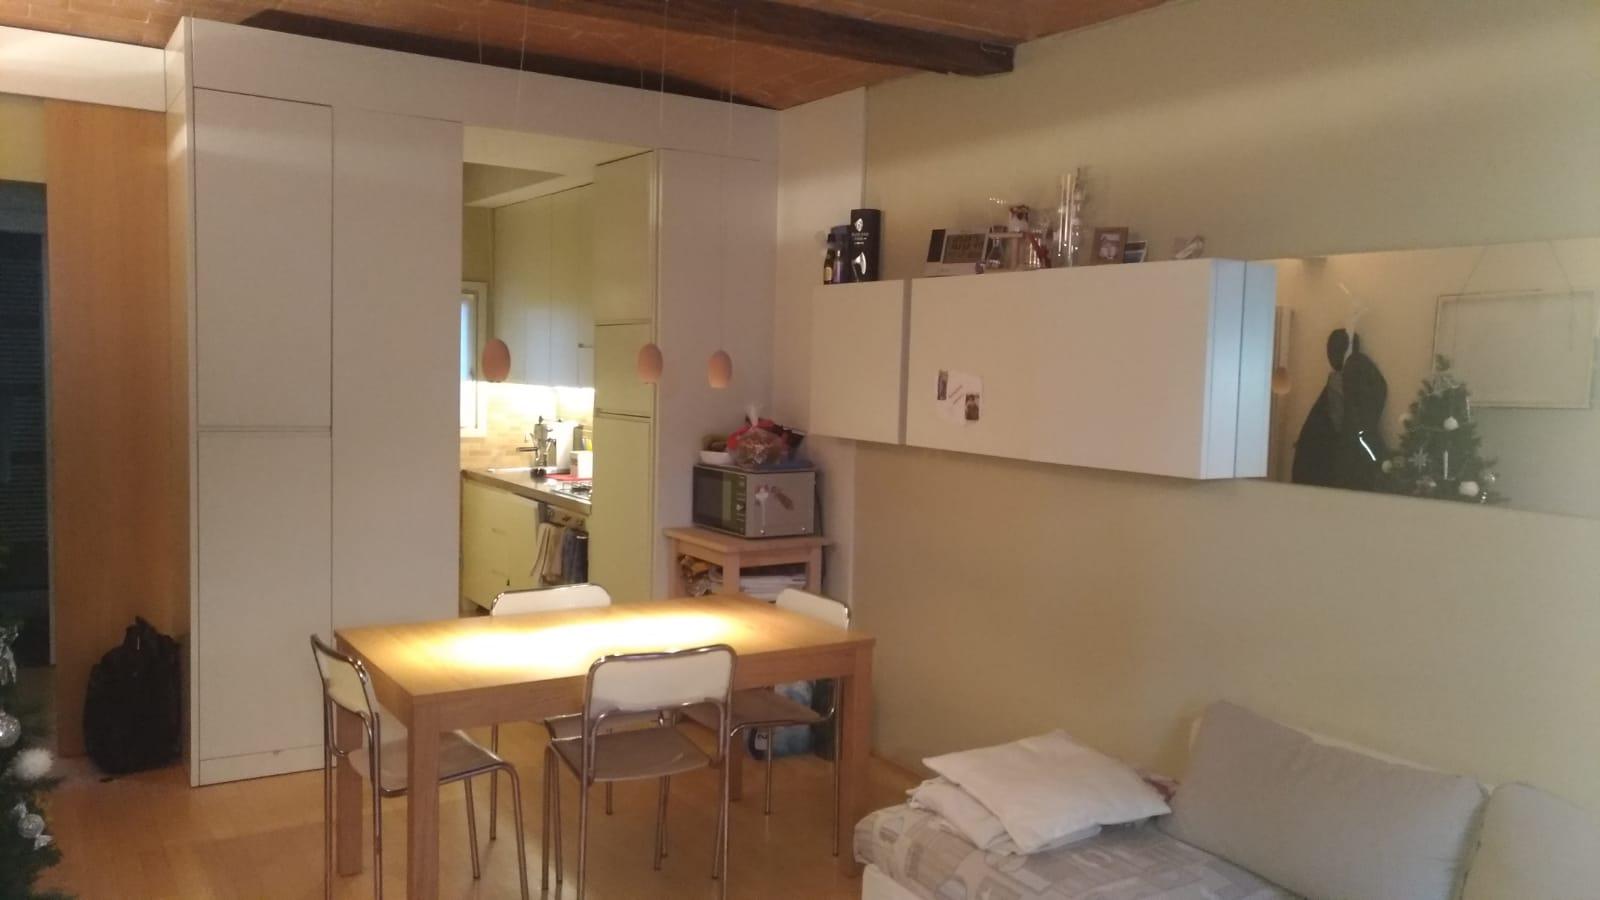 Appartamento ristrutturato e arredato caseloft s r l for Appartamenti ristrutturati